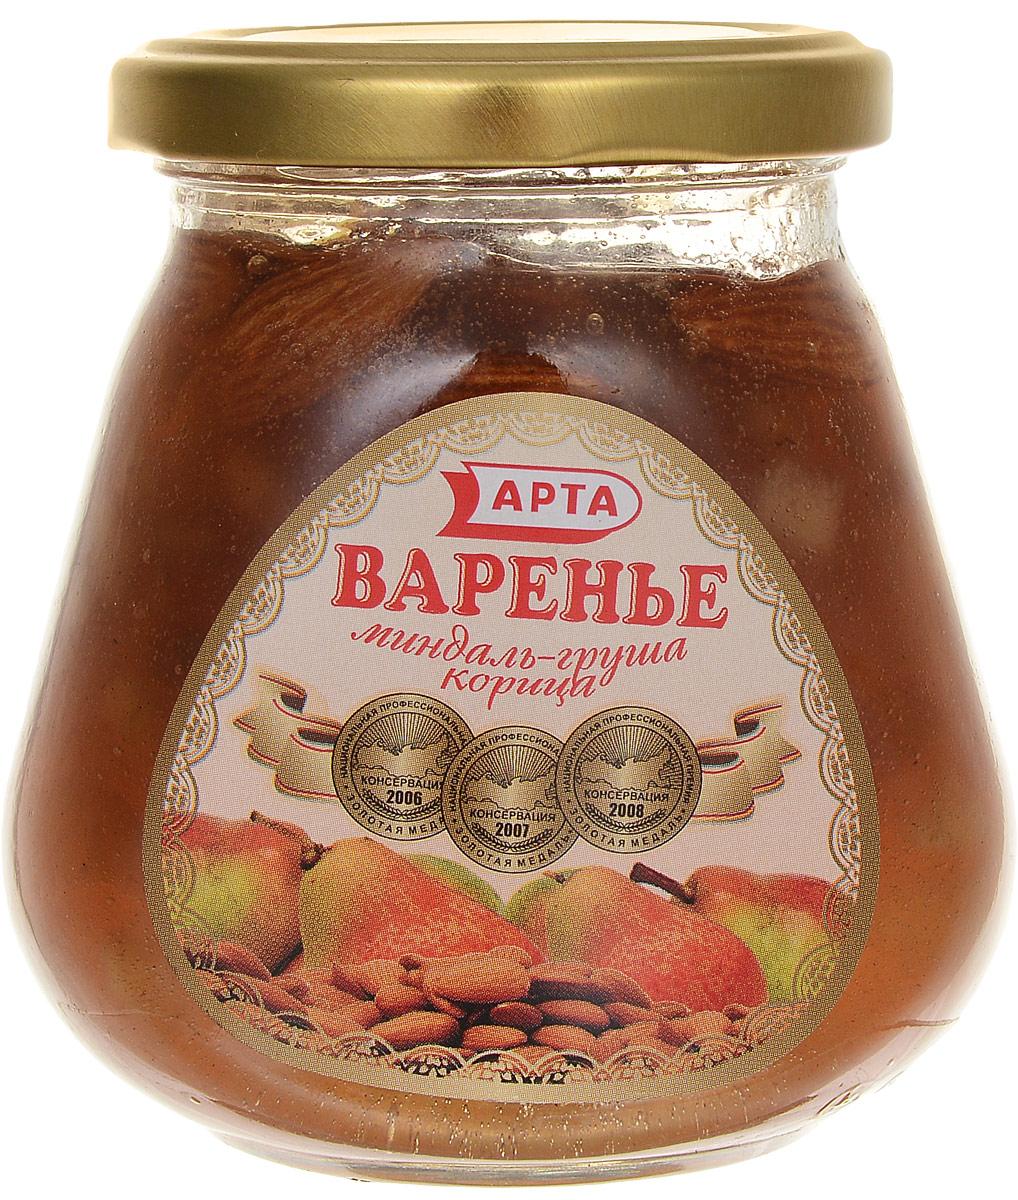 Арта варенье из груши, корицы и миндаля, 340 г